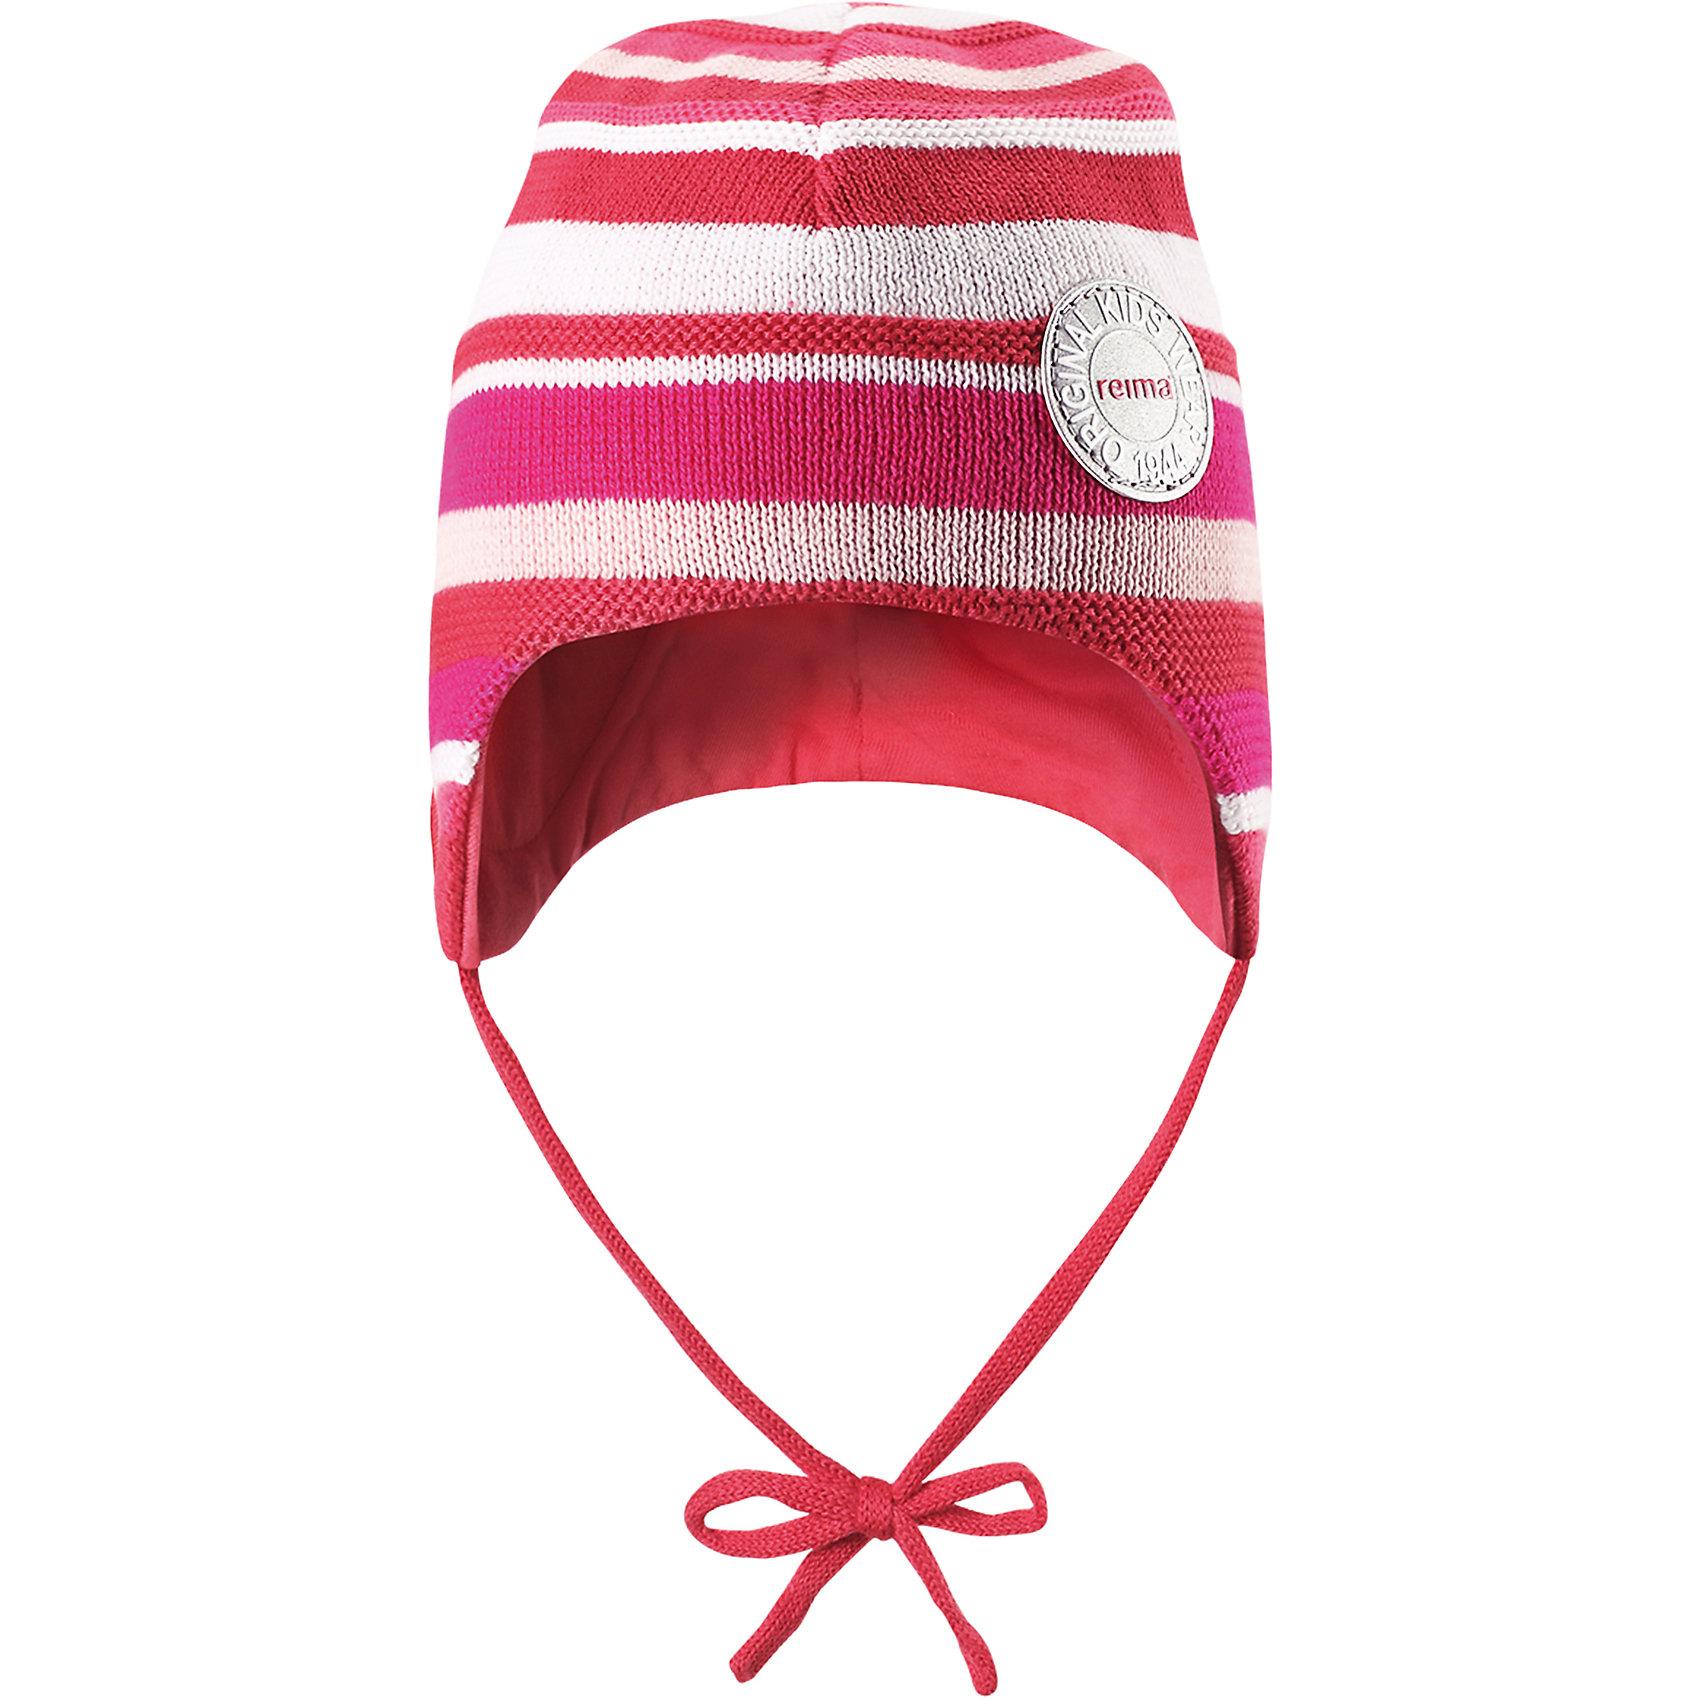 Шапка для девочки ReimaШапки и шарфы<br>Характеристики товара:<br><br>• цвет: розовый<br>• состав: 100% хлопок<br>• сплошная подкладка из хлопкового трикотажа<br>• температурный режим: от 0С до +15С<br>• эластичный хлопковый трикотаж<br>• изделие сертифицированно по стандарту Oeko-Tex на продукцию класса 1 - одежда для новорождённых<br>• завязки во всех размерах<br>• эмблема Reima спереди<br>• светоотражающая эмблема спереди<br>• страна бренда: Финляндия<br>• страна производства: Китай<br><br>Детский головной убор может быть модным и удобным одновременно! Стильная шапка поможет обеспечить ребенку комфорт и дополнить наряд. Шапка удобно сидит и аккуратно выглядит. Проста в уходе, долго служит. Стильный дизайн разрабатывался специально для детей. Отличная защита от дождя и ветра!<br><br>Шапку для мальчика от финского бренда Reima (Рейма) можно купить в нашем интернет-магазине.<br><br>Ширина мм: 89<br>Глубина мм: 117<br>Высота мм: 44<br>Вес г: 155<br>Цвет: розовый<br>Возраст от месяцев: 24<br>Возраст до месяцев: 60<br>Пол: Женский<br>Возраст: Детский<br>Размер: 52,50,48,46<br>SKU: 5270971